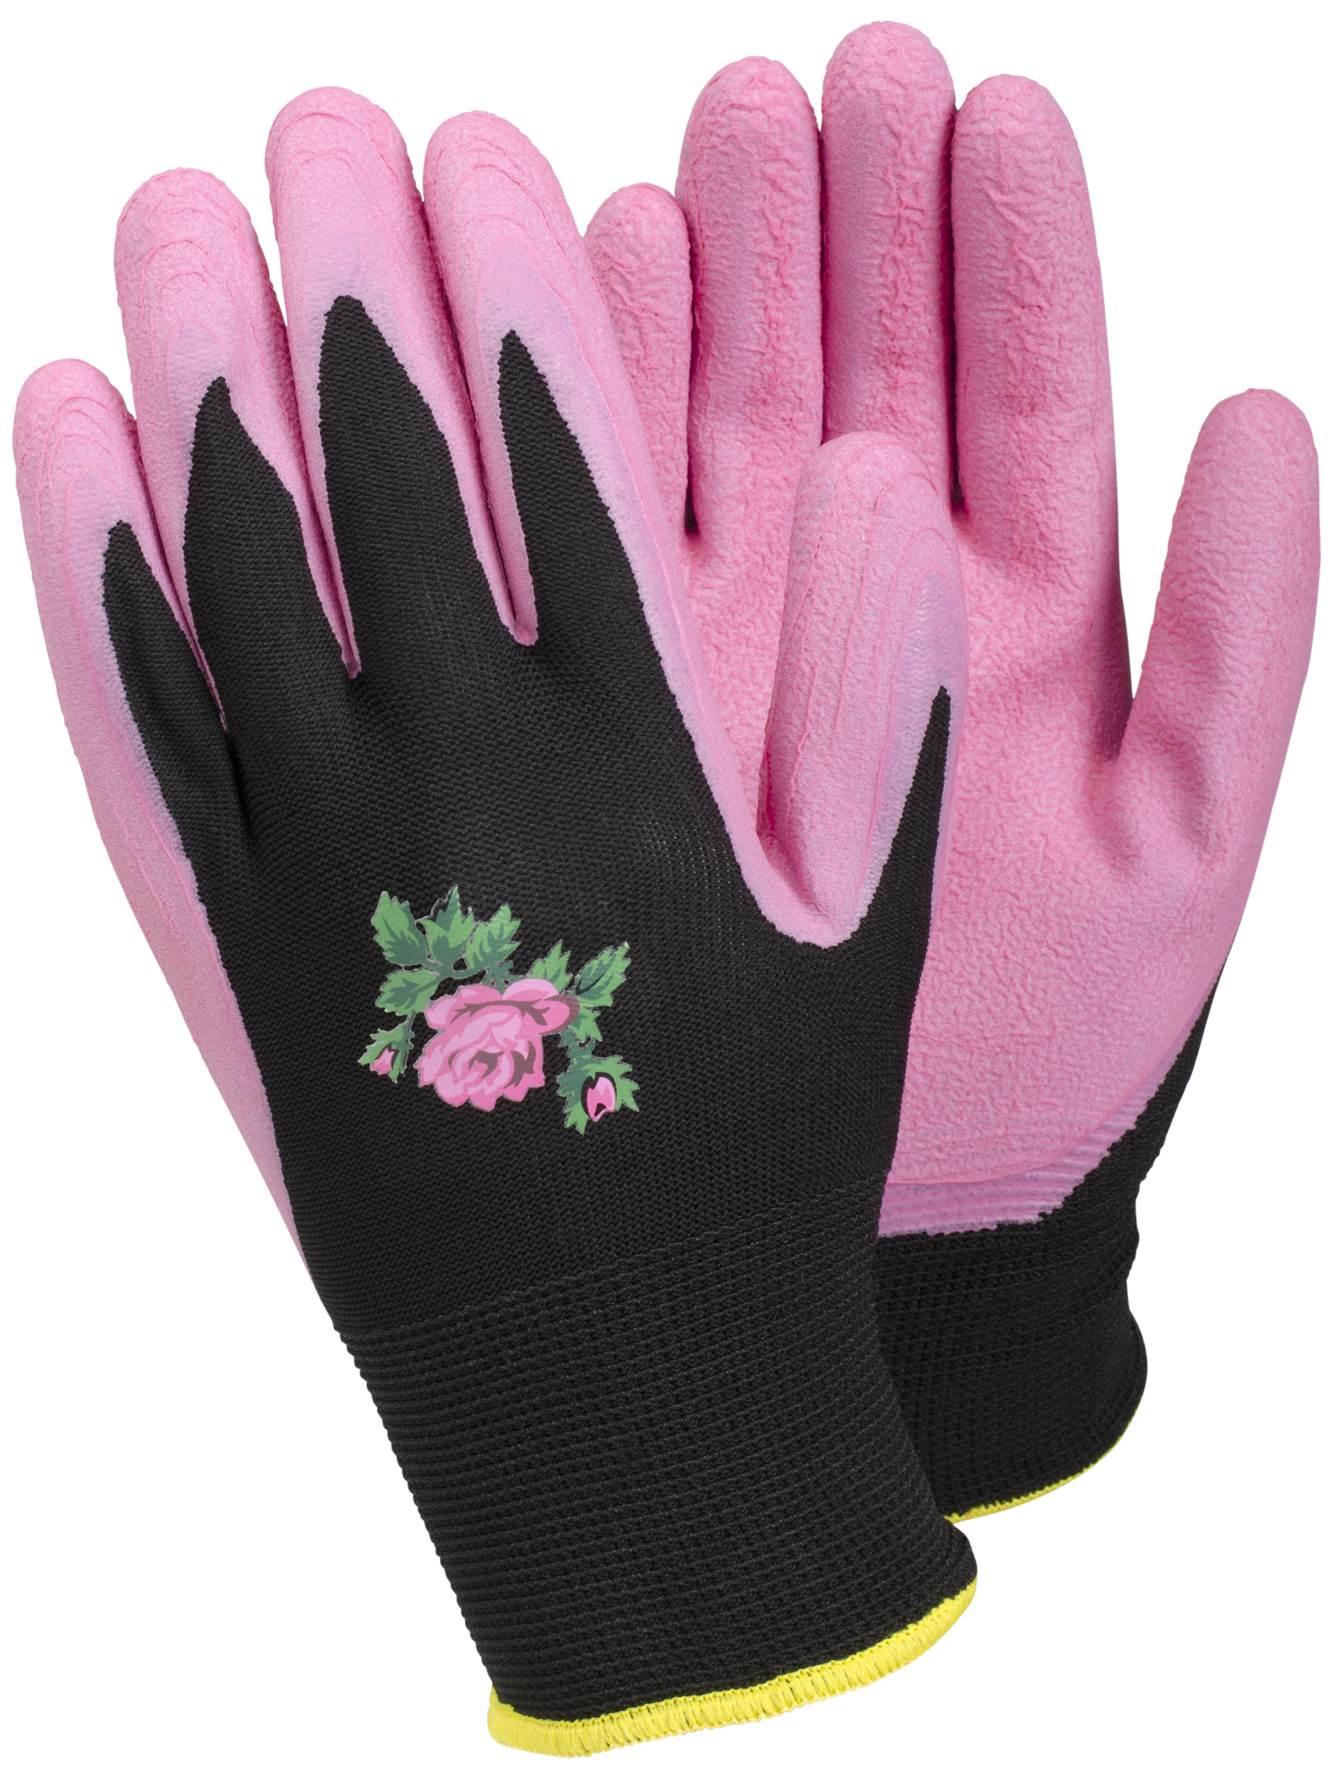 Перчатки хозяйственные Берта 90067 перчатки мужские сплав catch цвет черный 1581320 размер 8